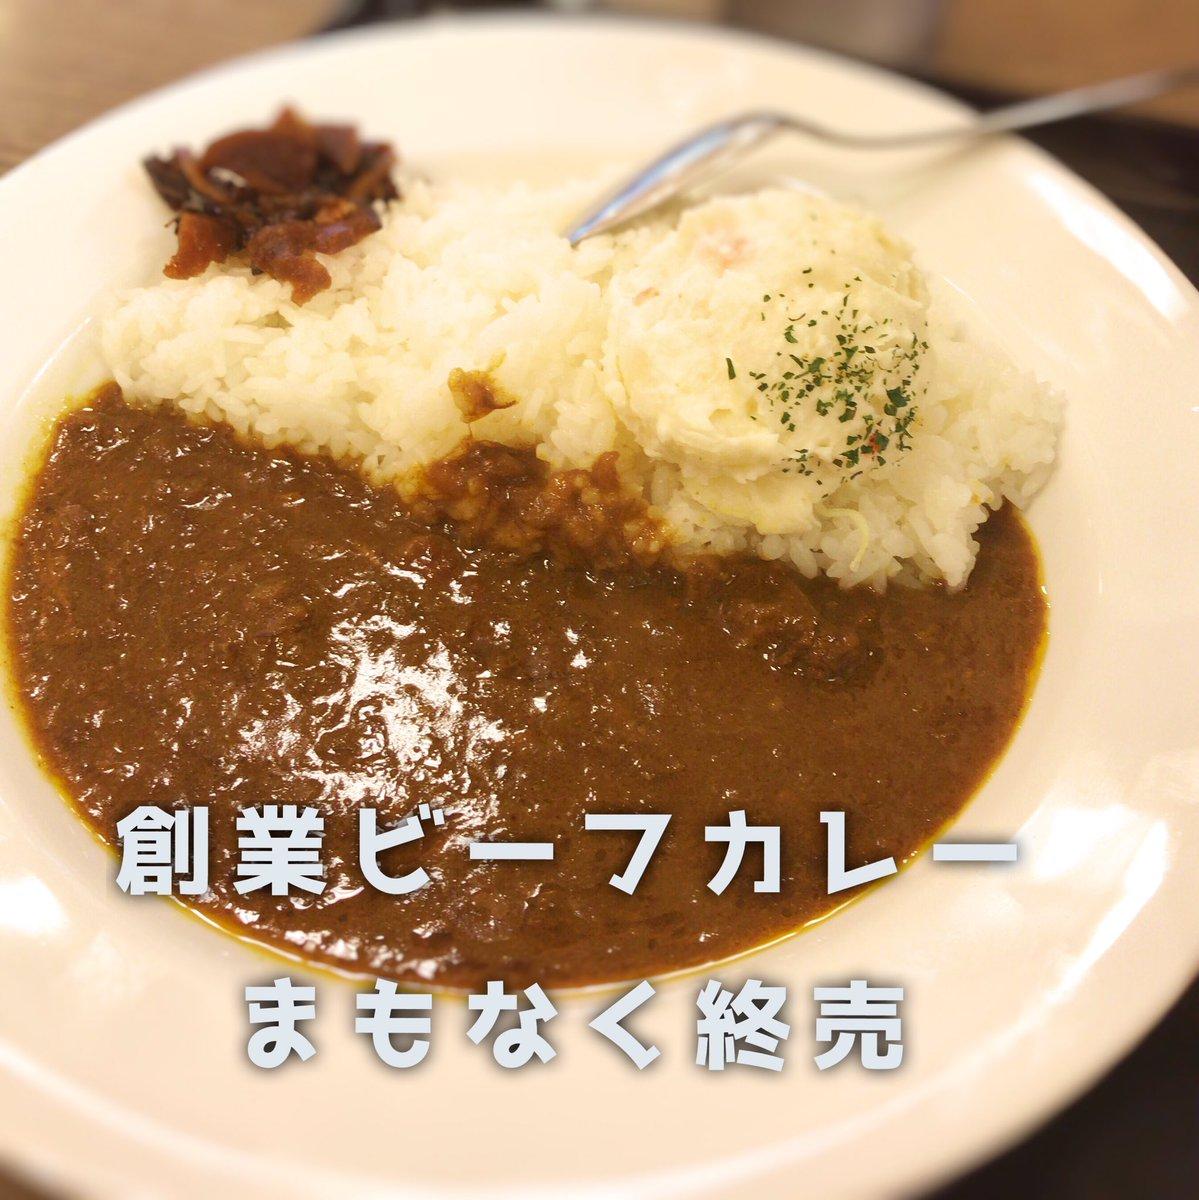 松屋 ビーフ カレー